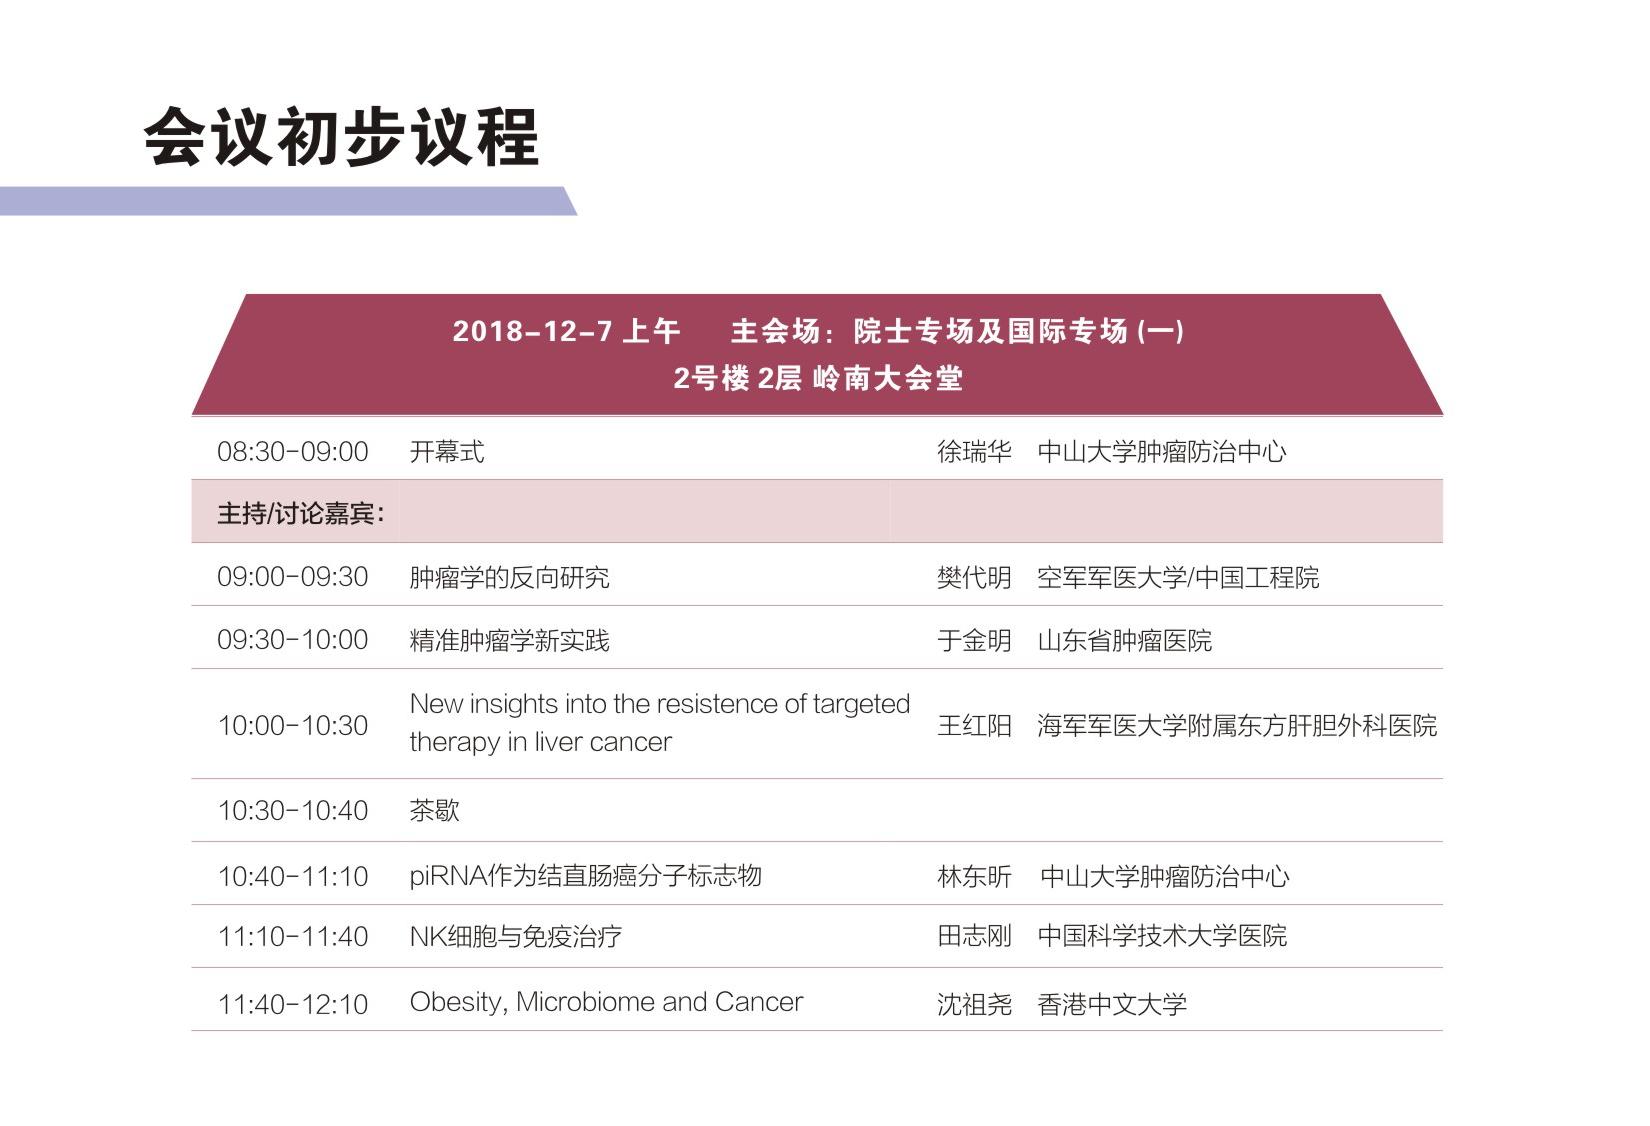 第七届广州国际肿瘤学会议通知-11-27(1)_页面_06.png